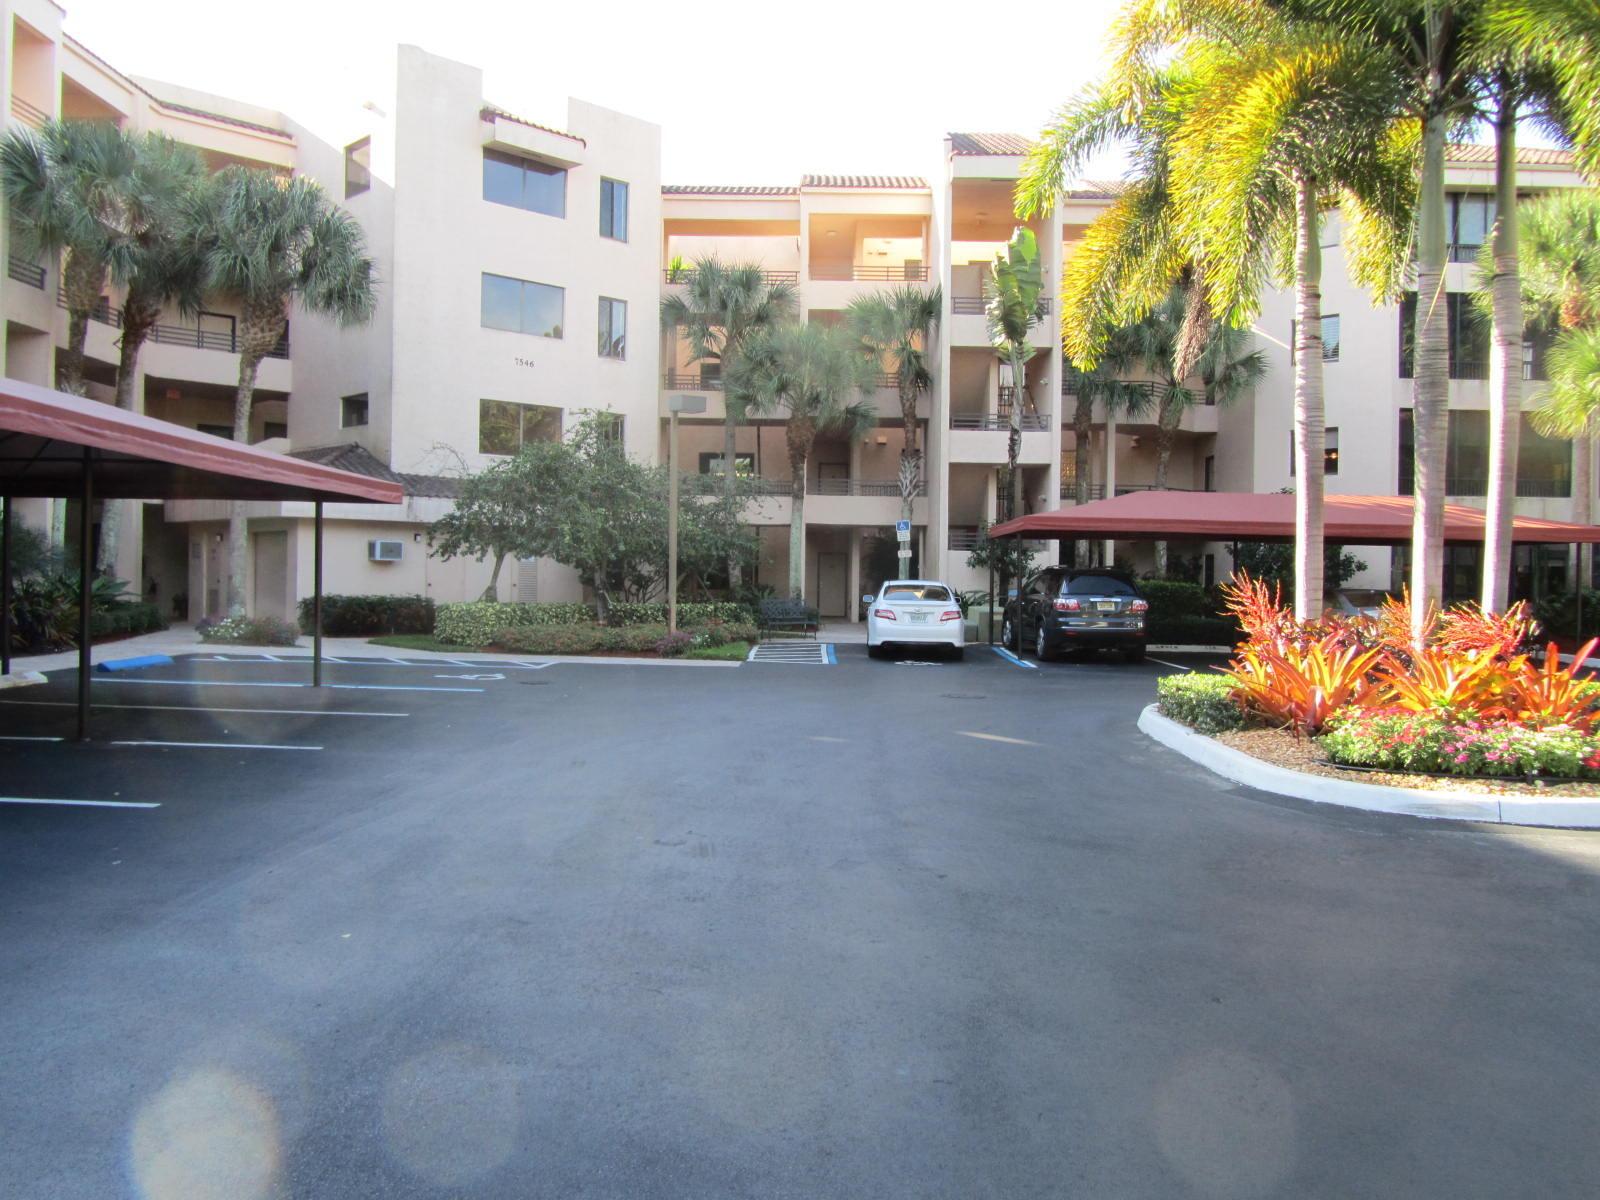 7546 La Paz Boulevard 106, Boca Raton, FL 33433